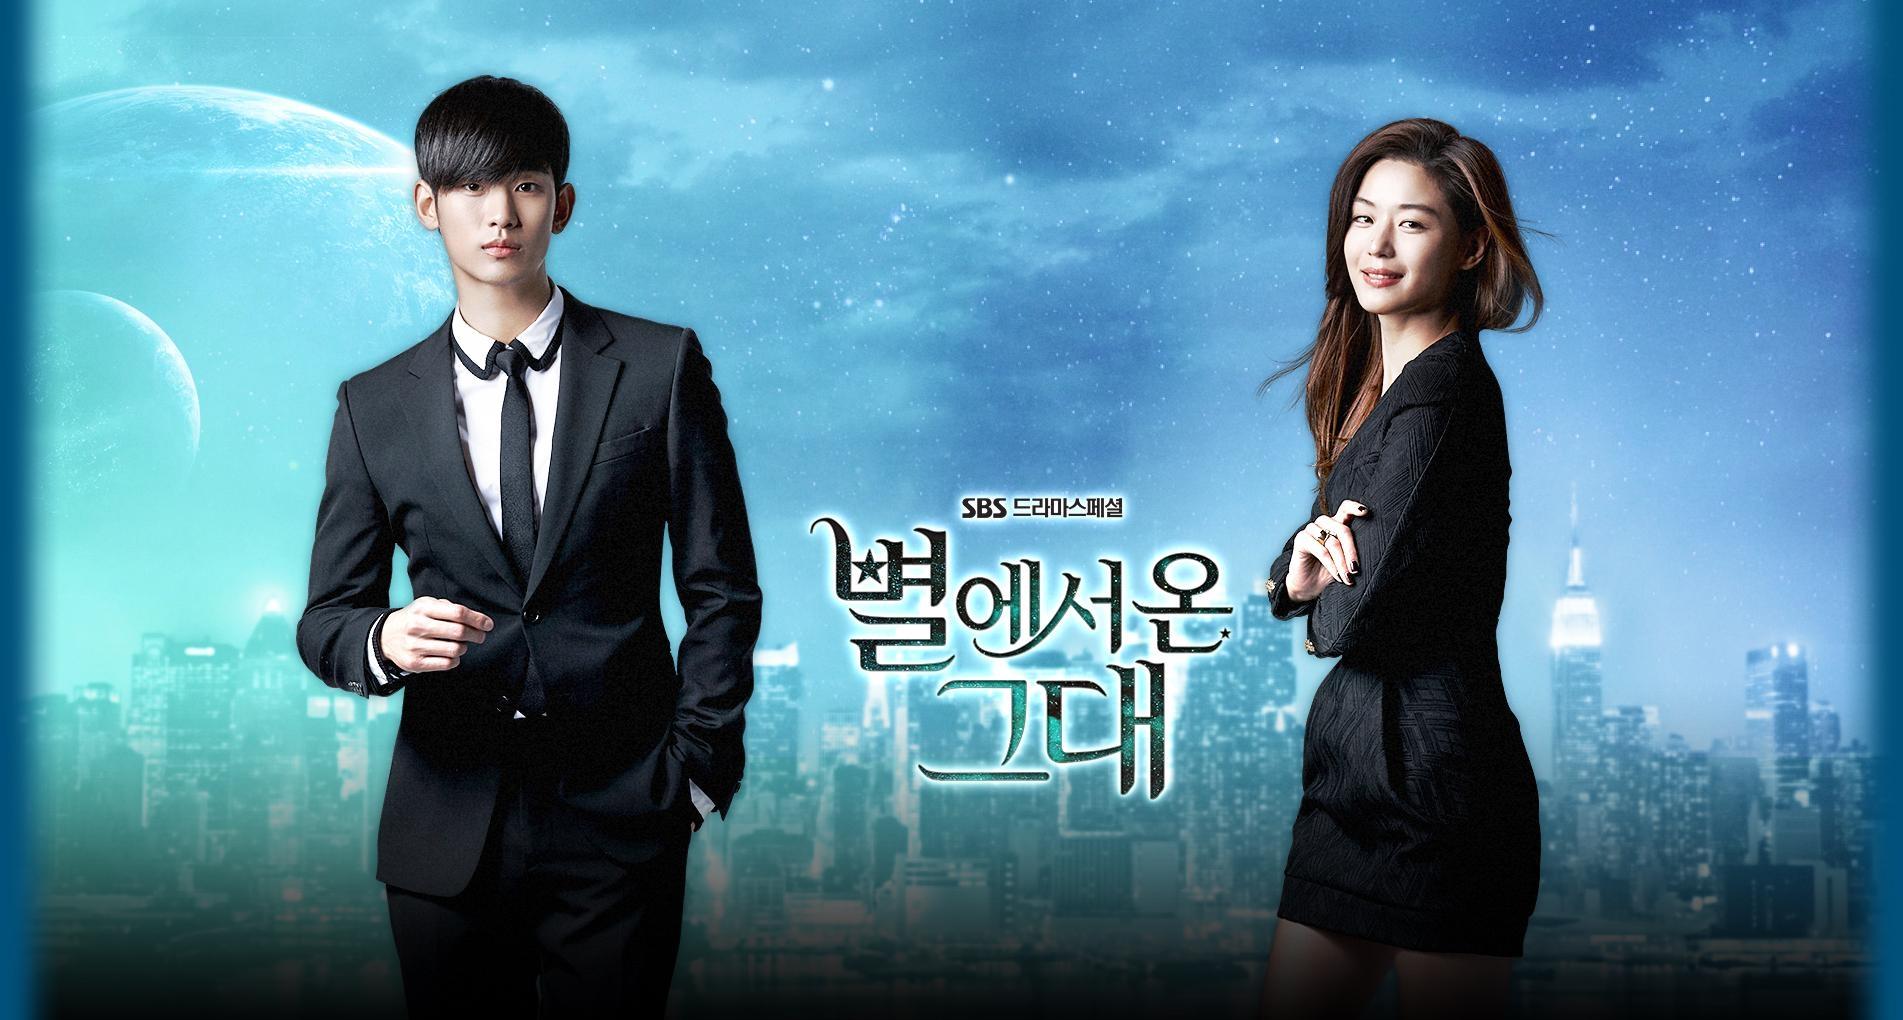 Những bộ phim truyền hình Hàn Quốc đáng xem nhất suốt một thập kỷ qua - Ảnh 4